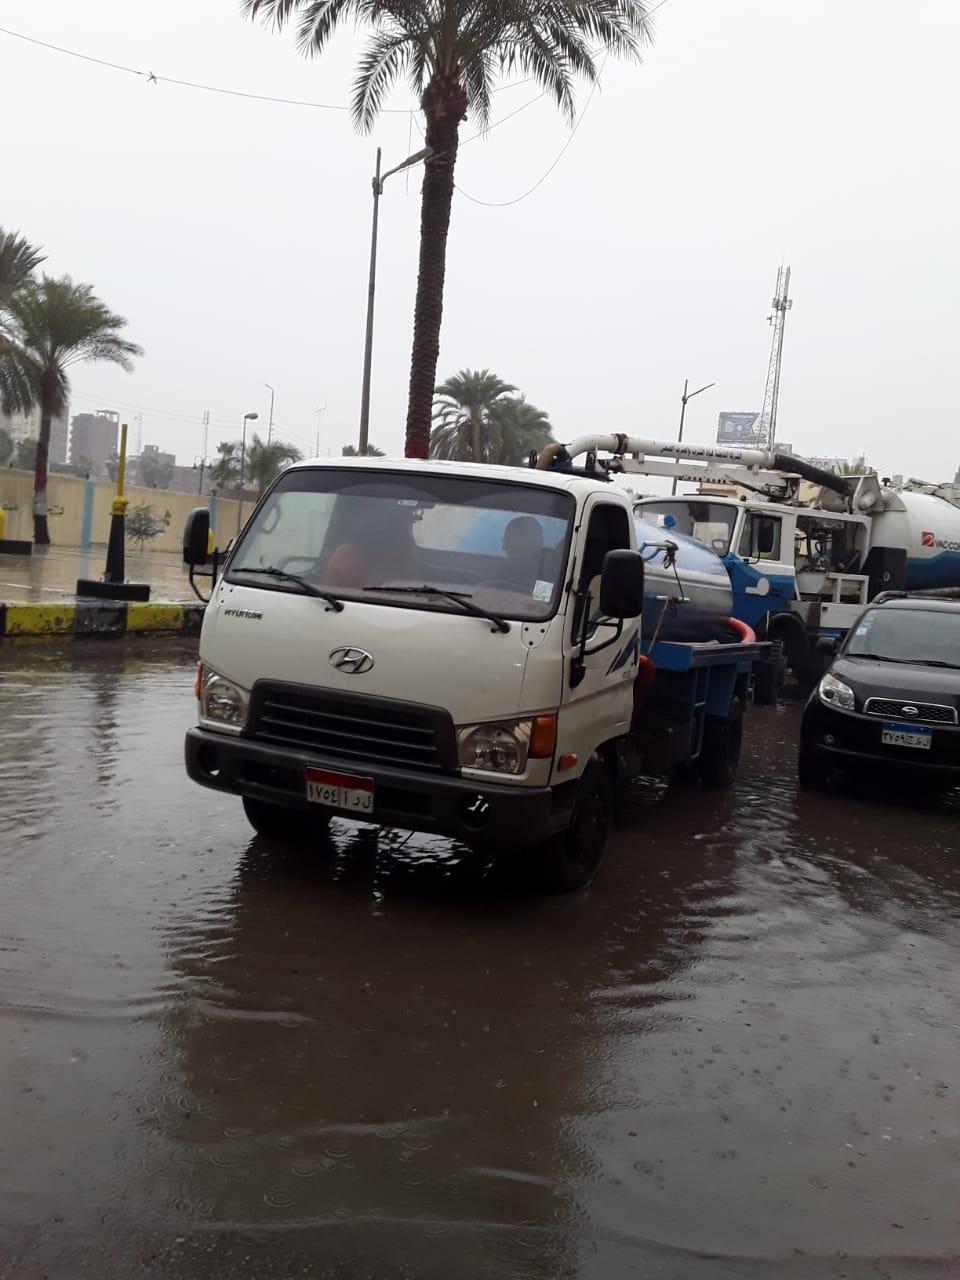 سيارات إضافية لسرعة شفط مياه الأمطار بكفر الشيخ والإسكندرية (4)